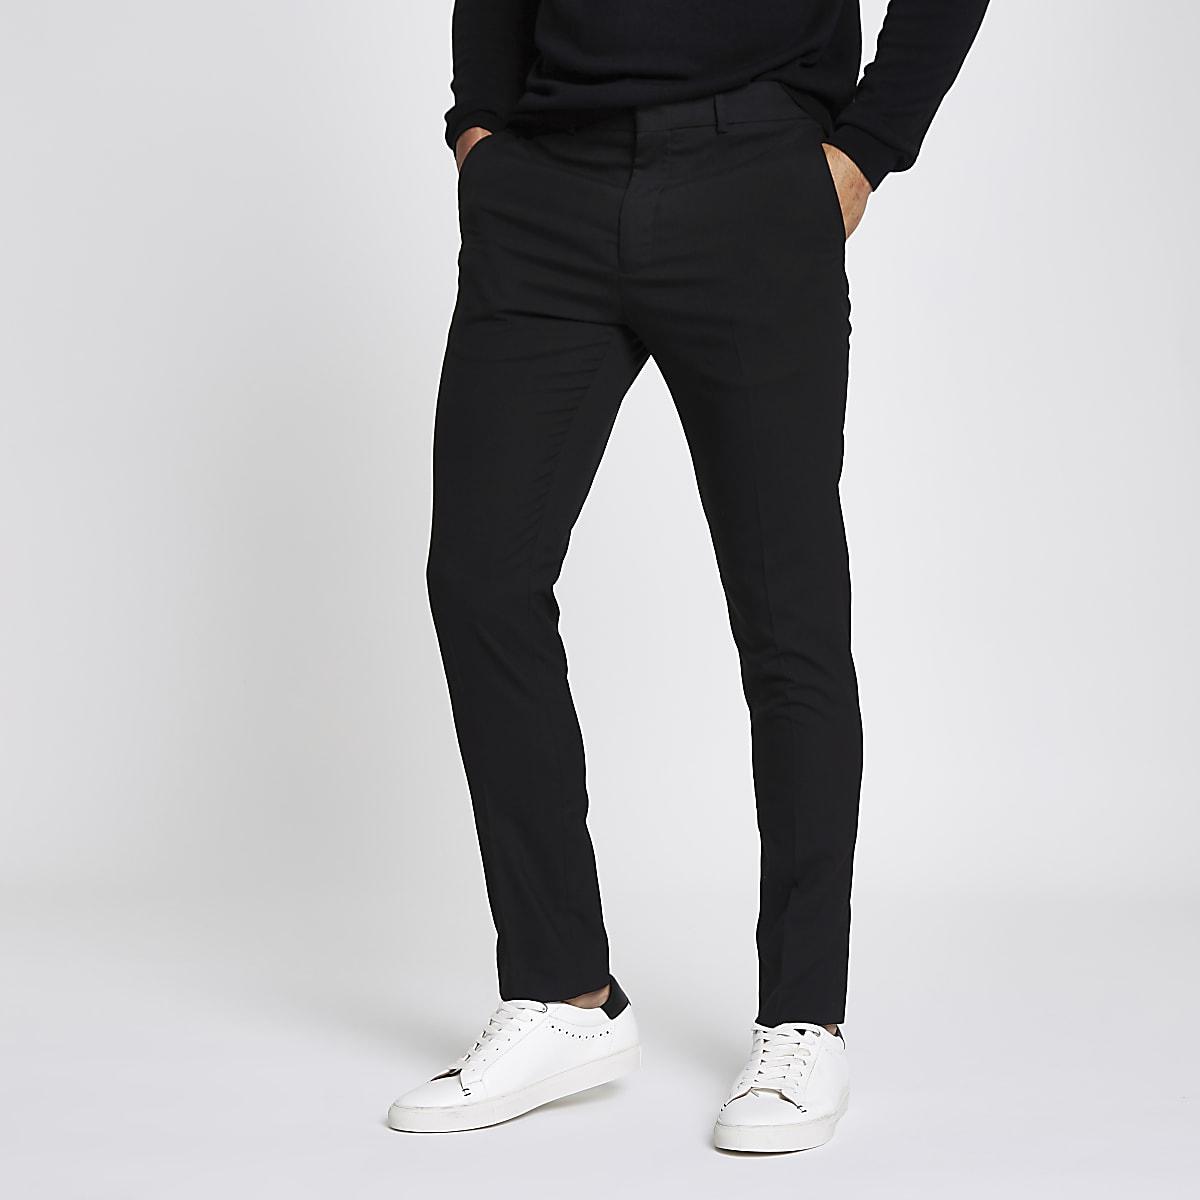 Joggingbroek Heren Skinny.Zwarte Nette Skinny Fit Broek Modieuze Broek Broeken Heren